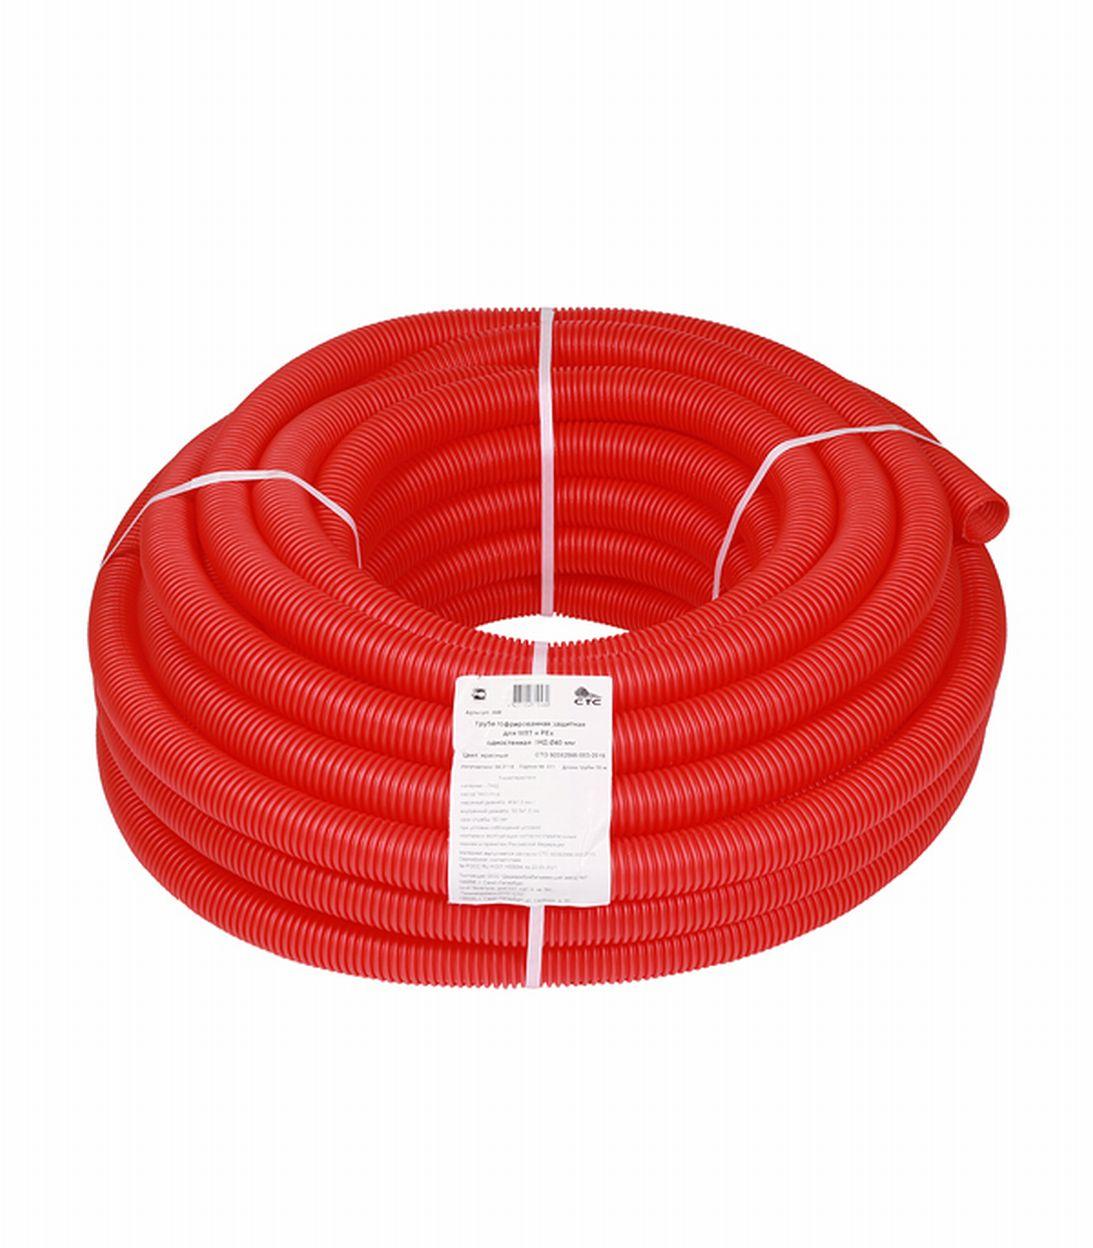 Труба гофрированная 40 мм для металлопластиковых труб d26 мм красная бухта 30 м фото